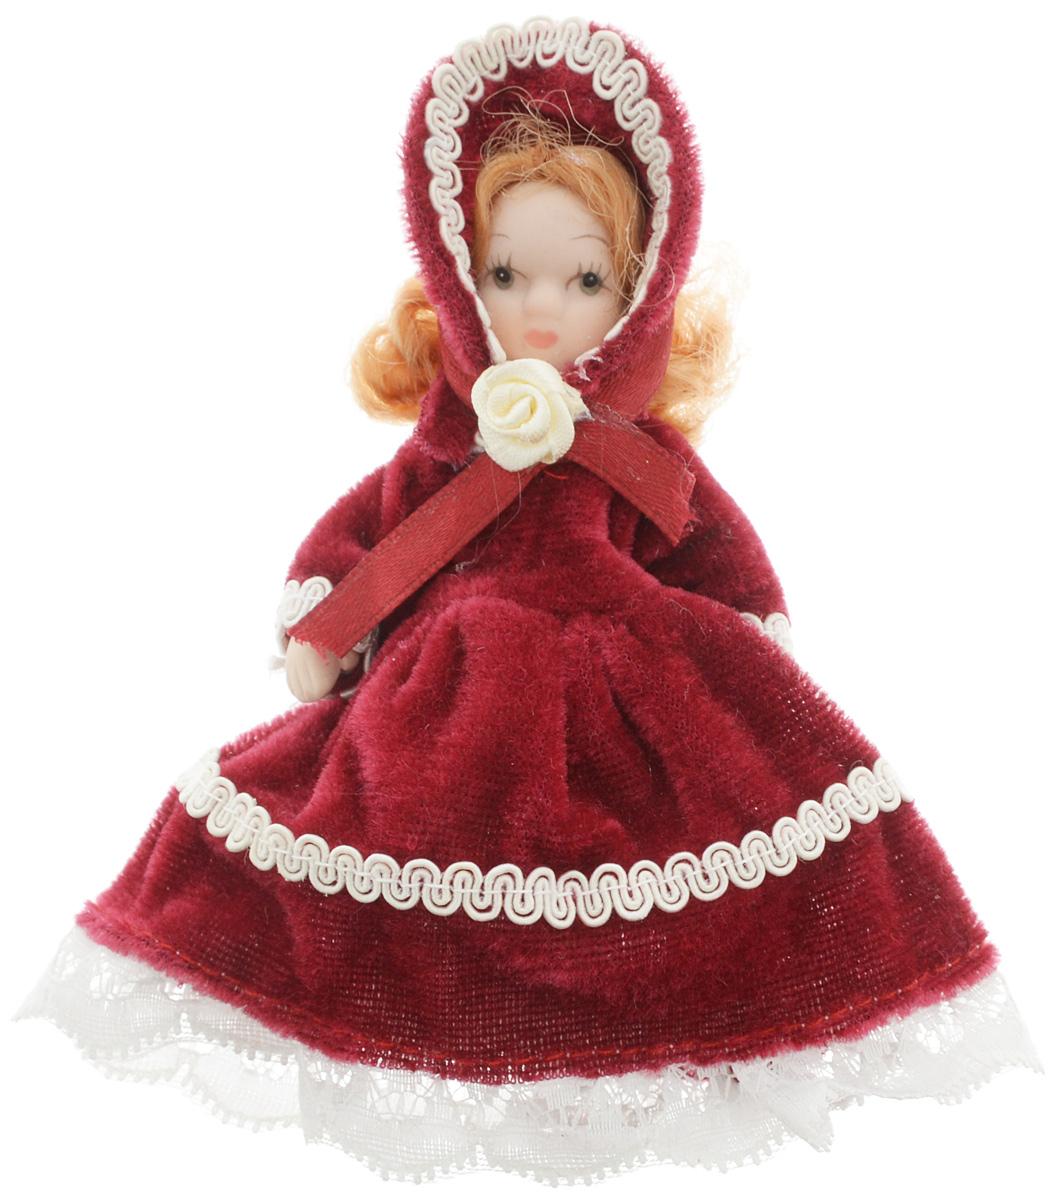 Фигурка декоративная Lovemark Кукла, цвет: бордовый, белый, высота 10 см. 2471924719_бордовыйФигурка декоративная Lovemark Кукла изготовлена изкерамики в виде куклы с кудрявыми золотистымиволосами, большими глазами и ресницами. Куколка одетав длинное бархатное платье, декорированное белойтесьмой и бантиком в виде розы, и коктейльную шапочку. Вы можете поставить фигурку в любое место, где онабудет красиво смотреться и радовать глаз. Кроме того, онастанет отличным сувениром для друзей и близких. Априкрепив к ней петельку, такую куколку можно подвеситьна елку.